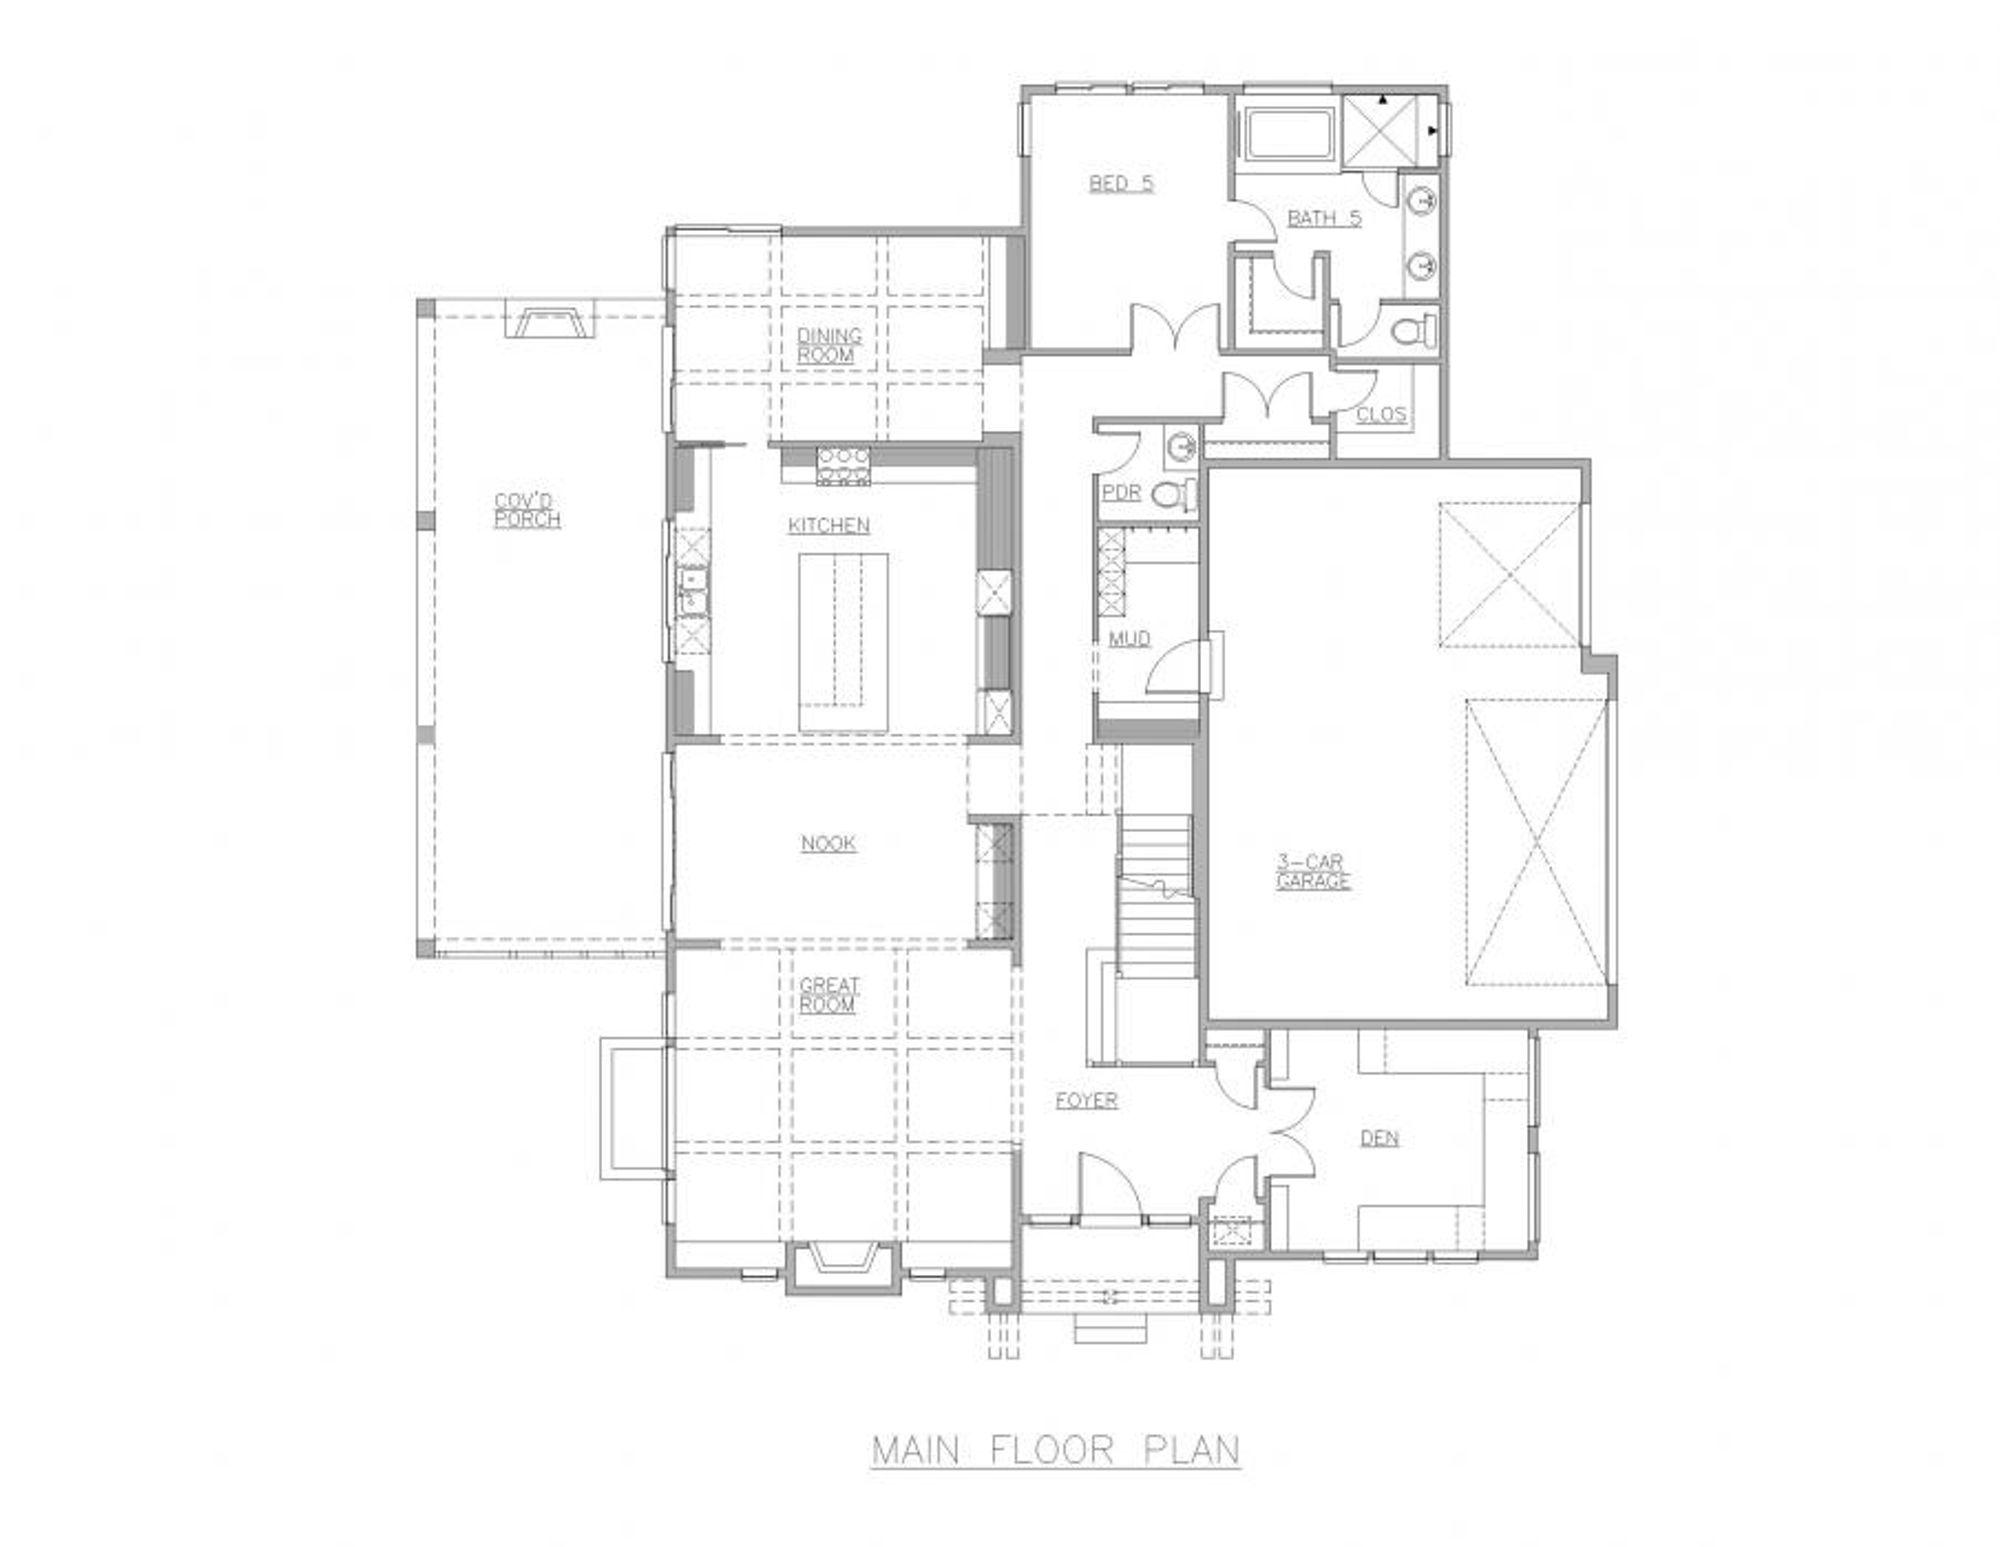 San Marino Main Floor Plan